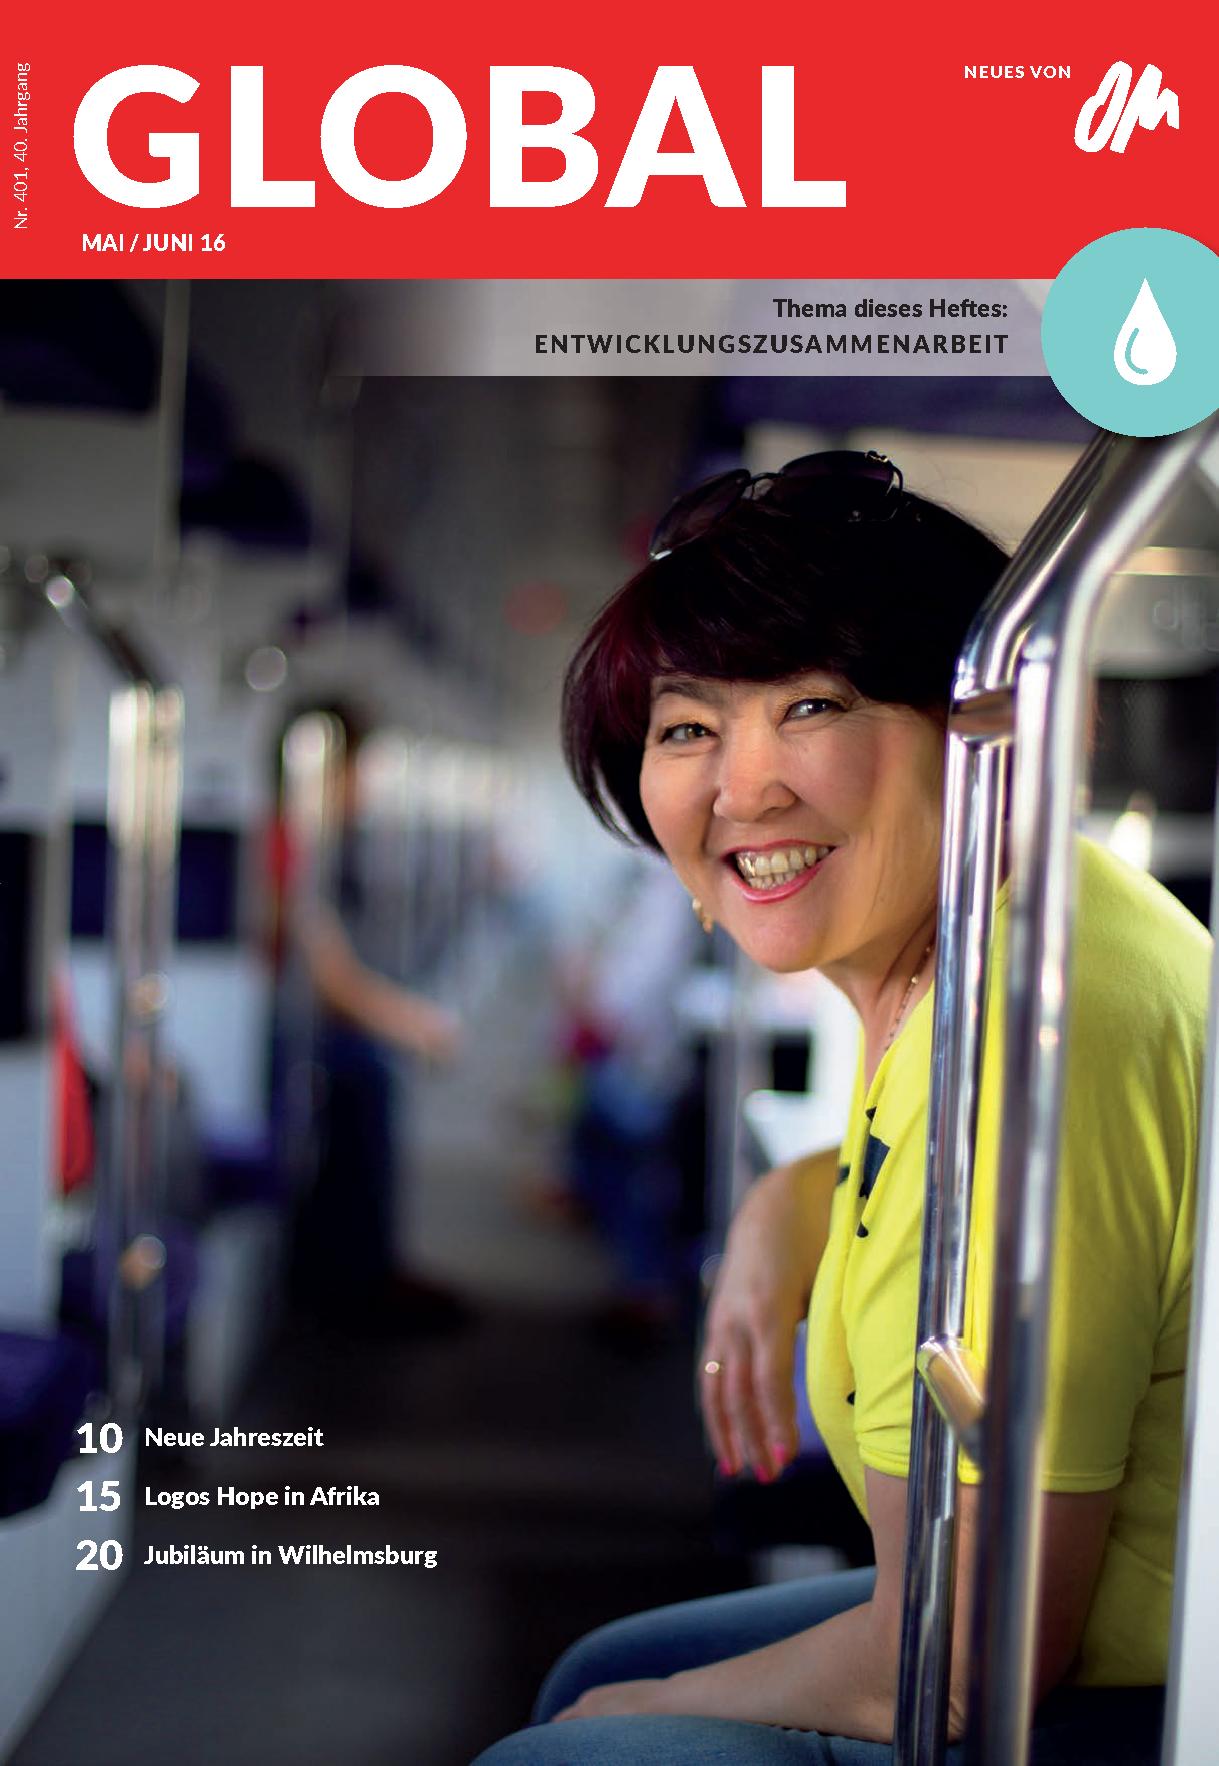 Eine Frau in Zentralasien fährt mit der Bahn